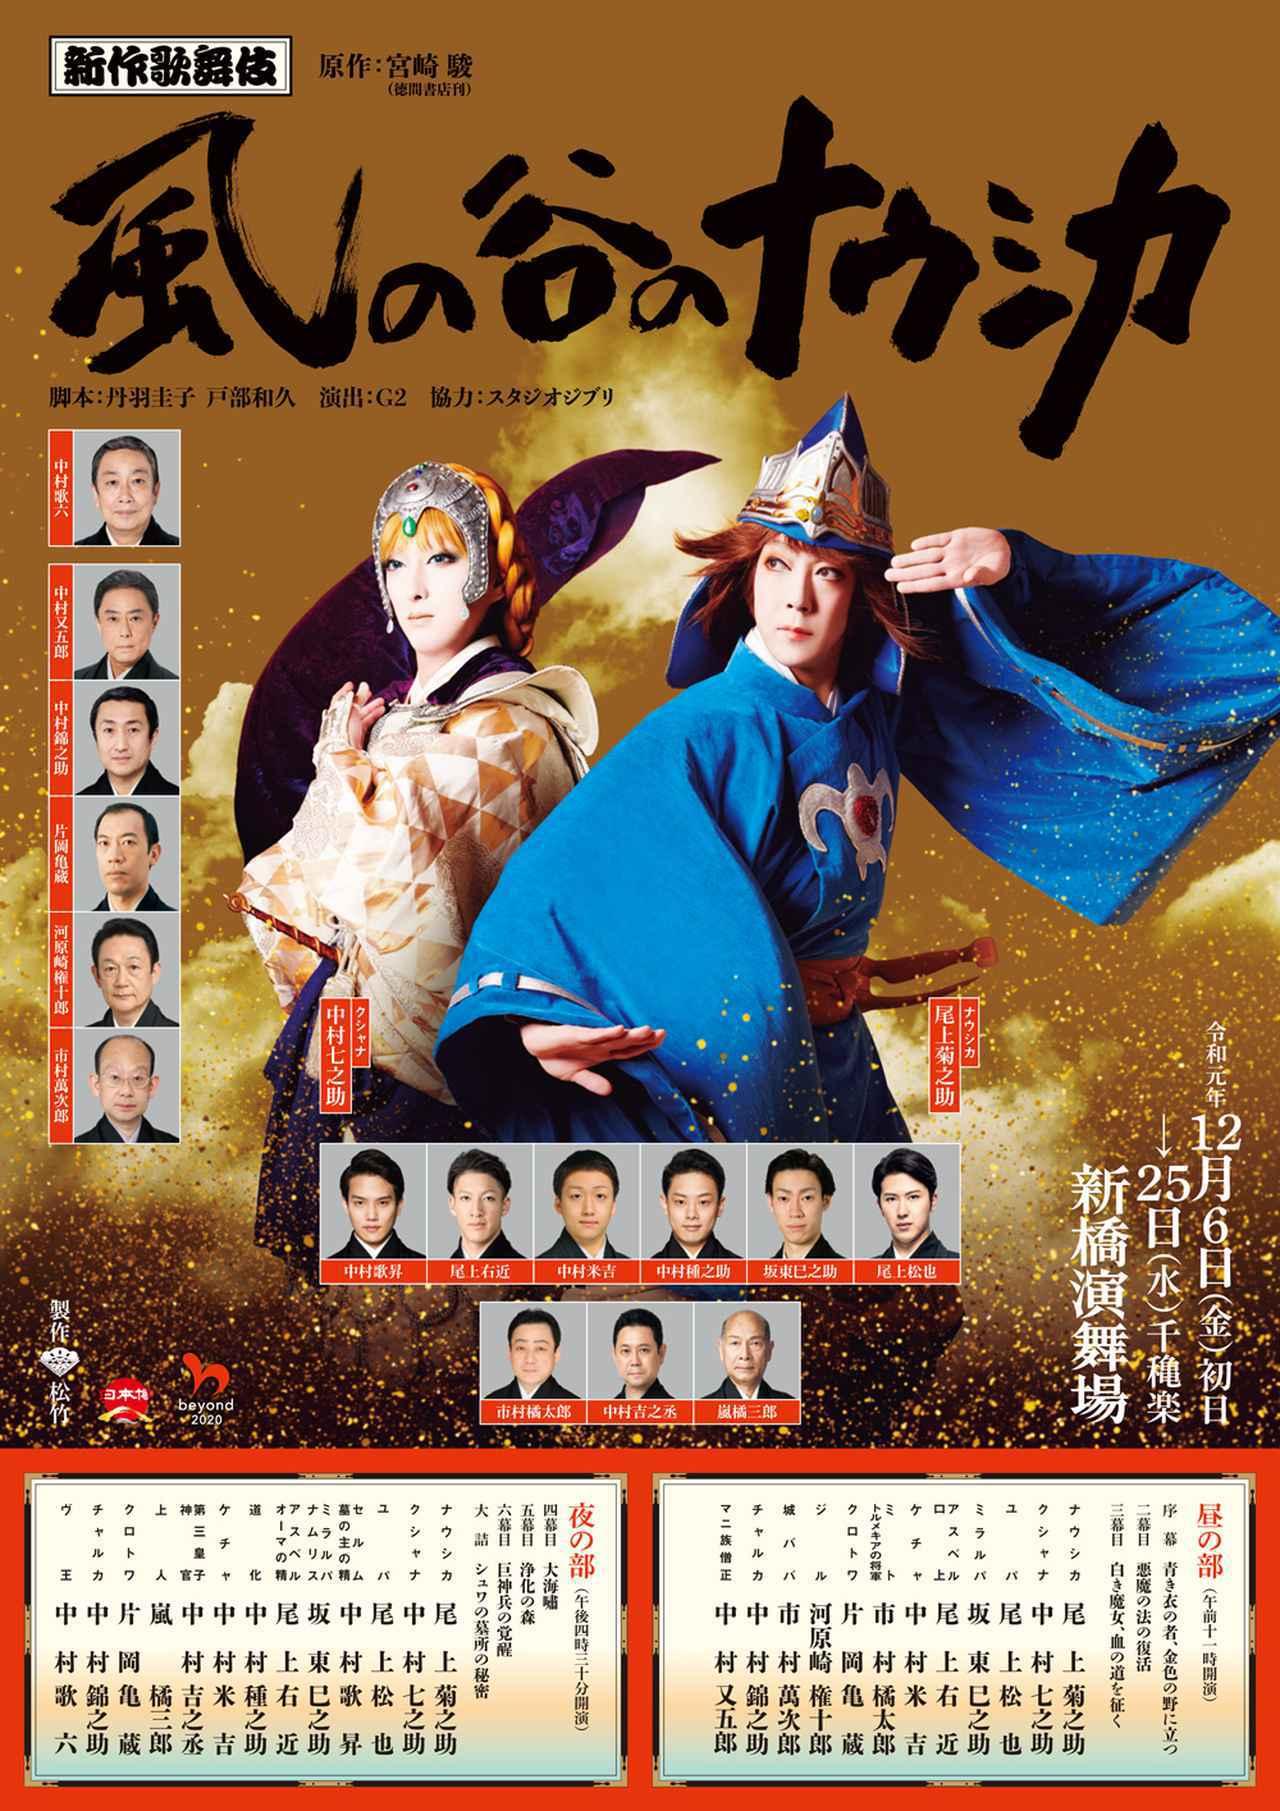 画像: 松竹の歌舞伎映像作品をオンデマンドで楽しめる! ビデオマーケットが松竹「歌舞伎オンデマンド」へ公式動画配信サービス「MIRAIL」の配信プラットフォームを提供開始